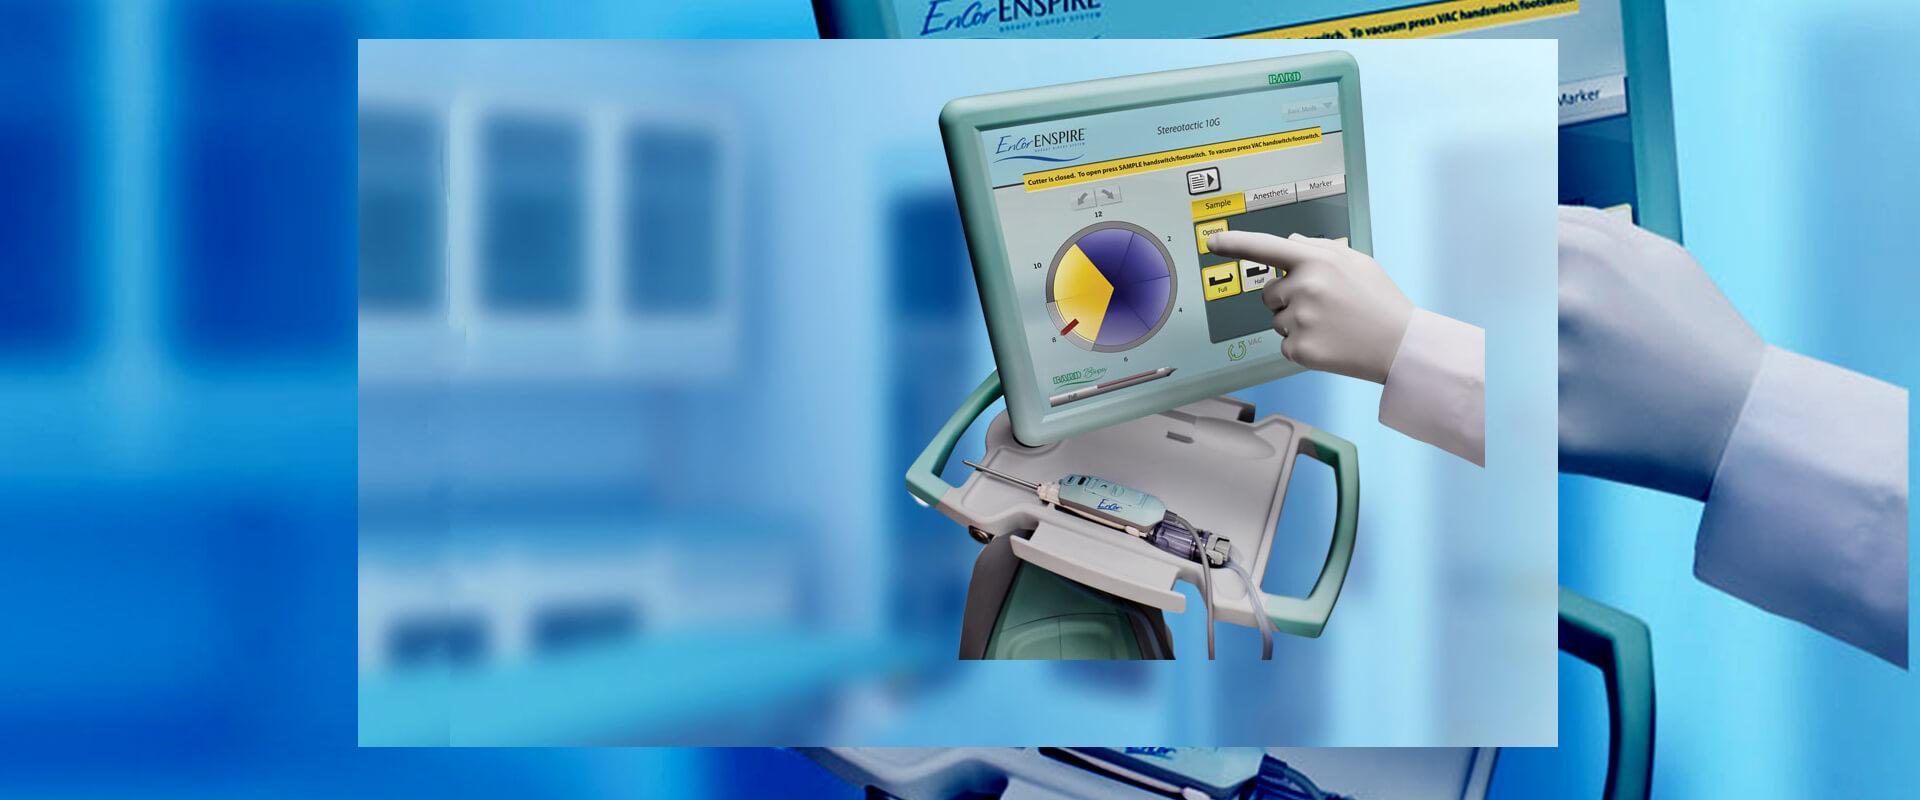 Encor Espire - inteligentny system do biopsji